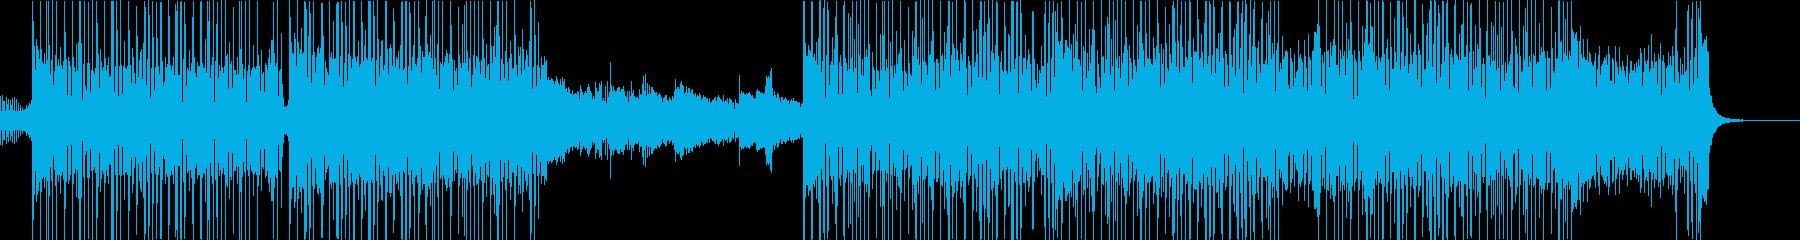 ファンキーで遊び心のあるヒップホップの再生済みの波形